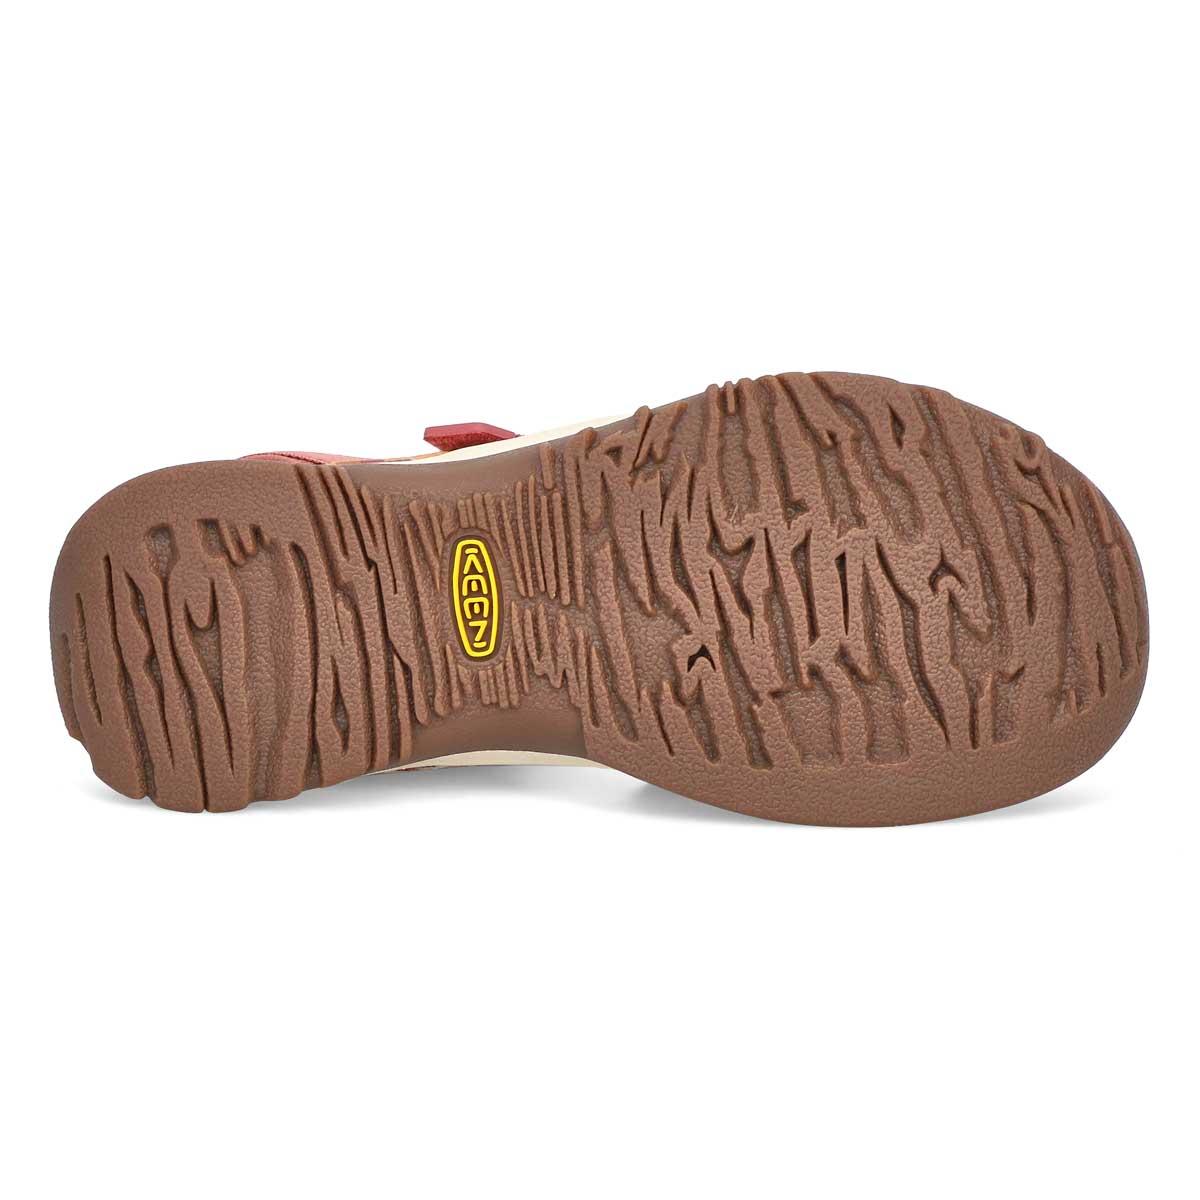 Women's Rose Sport Sandal - Brick Dust/Multi